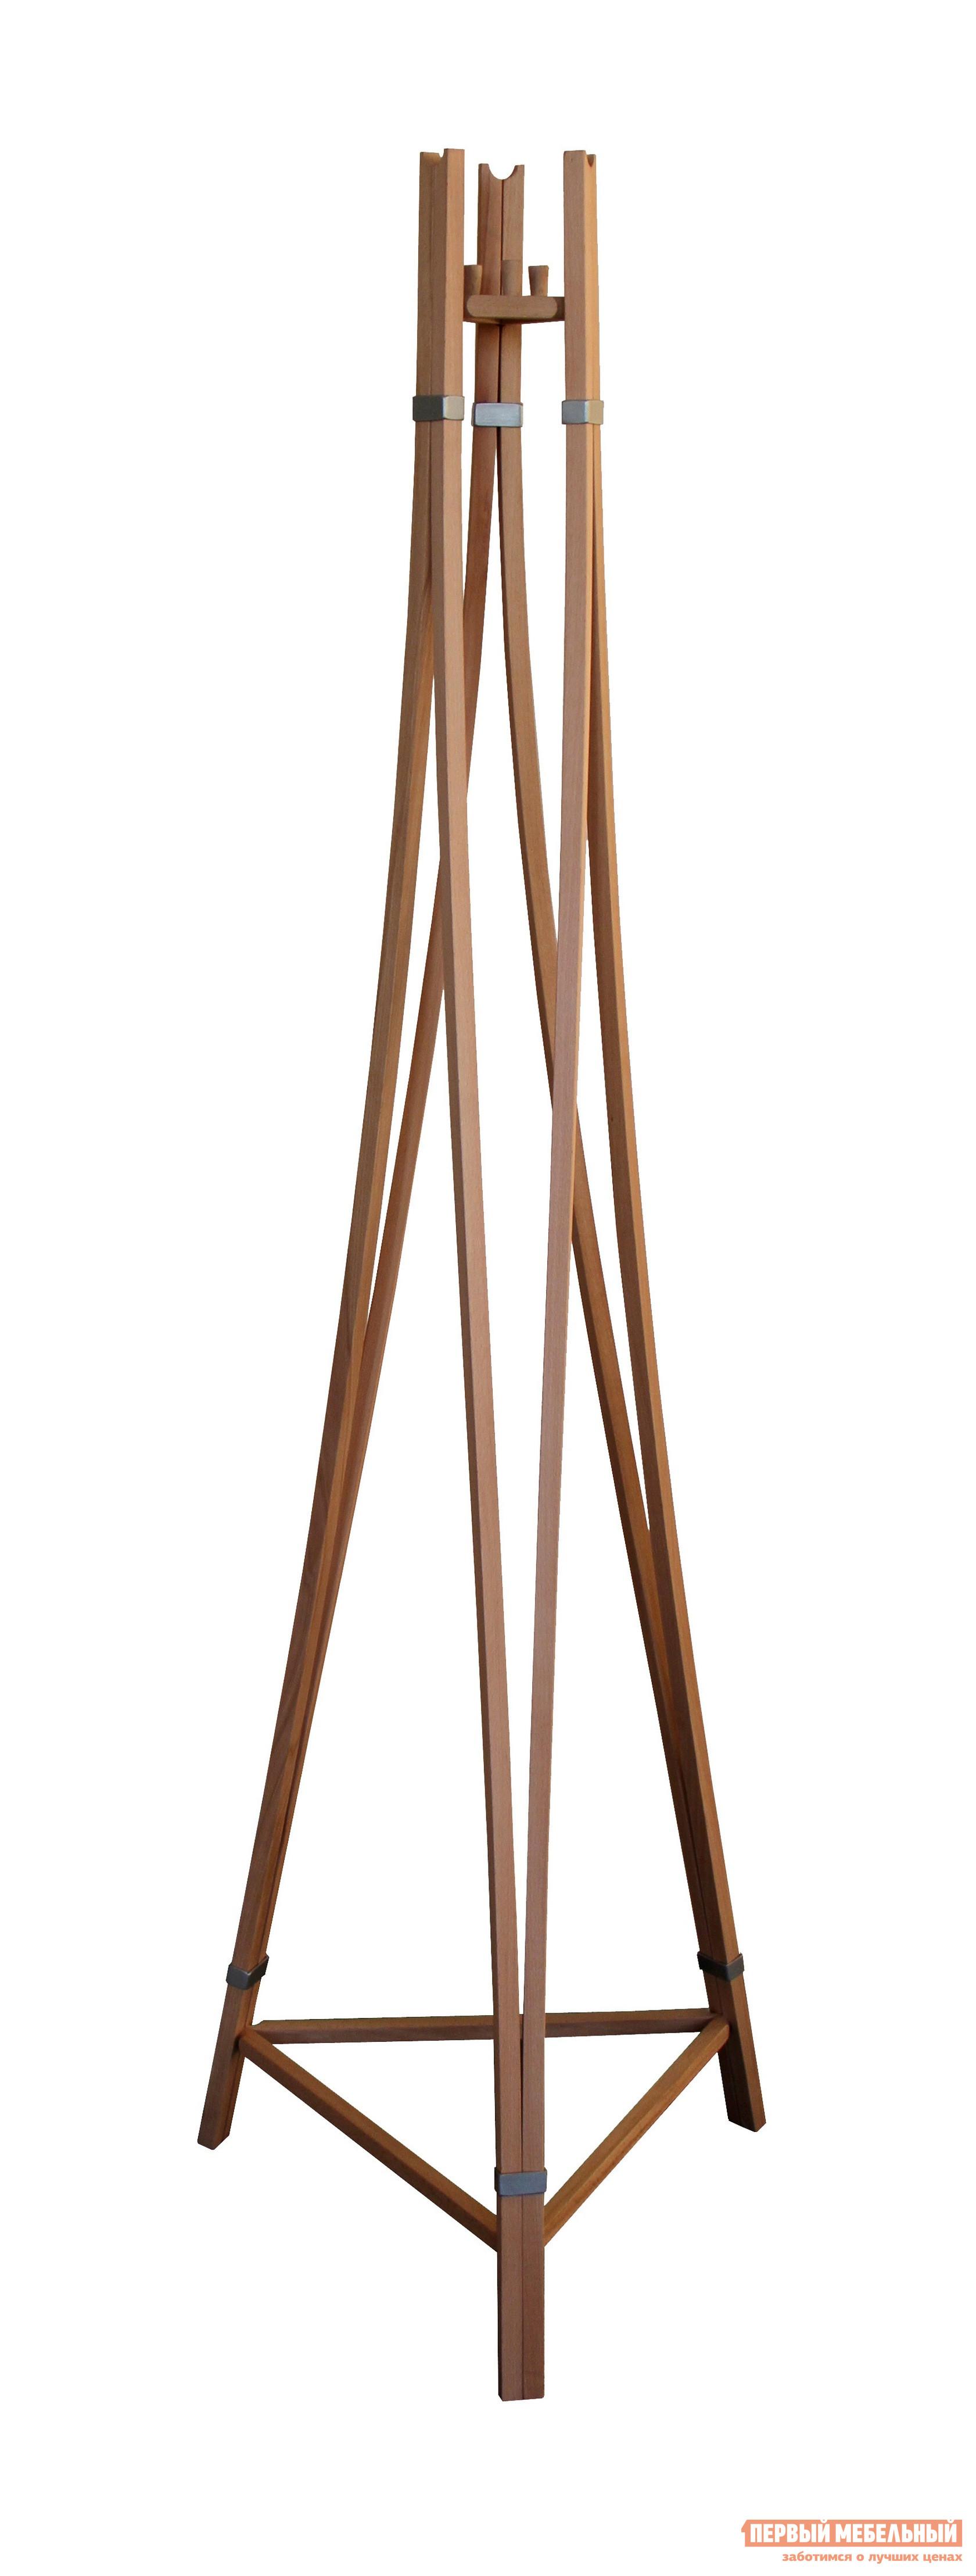 Напольная вешалка Мебелик Рилле 403 БукНапольные вешалки<br>Габаритные размеры ВхШхГ 1780x530x470 мм. Оригинальная напольная вешалка-тренога для верхней одежды.  Модель выполнена в дизайне переплетенных деревянных прутьев.  Несмотря на хрупкость конструкции, вешалка надежна.  Нижняя часть соединена планками, которые обеспечивают устойчивость вешалки. Модель имеет шесть крючков. Изделие выполнено из натурального бука.<br><br>Цвет: Бук<br>Цвет: Светлое дерево<br>Высота мм: 1780<br>Ширина мм: 530<br>Глубина мм: 470<br>Форма поставки: В разобранном виде<br>Срок гарантии: 24 месяца<br>Материал: Деревянные, Из натурального дерева<br>Порода дерева: из бука